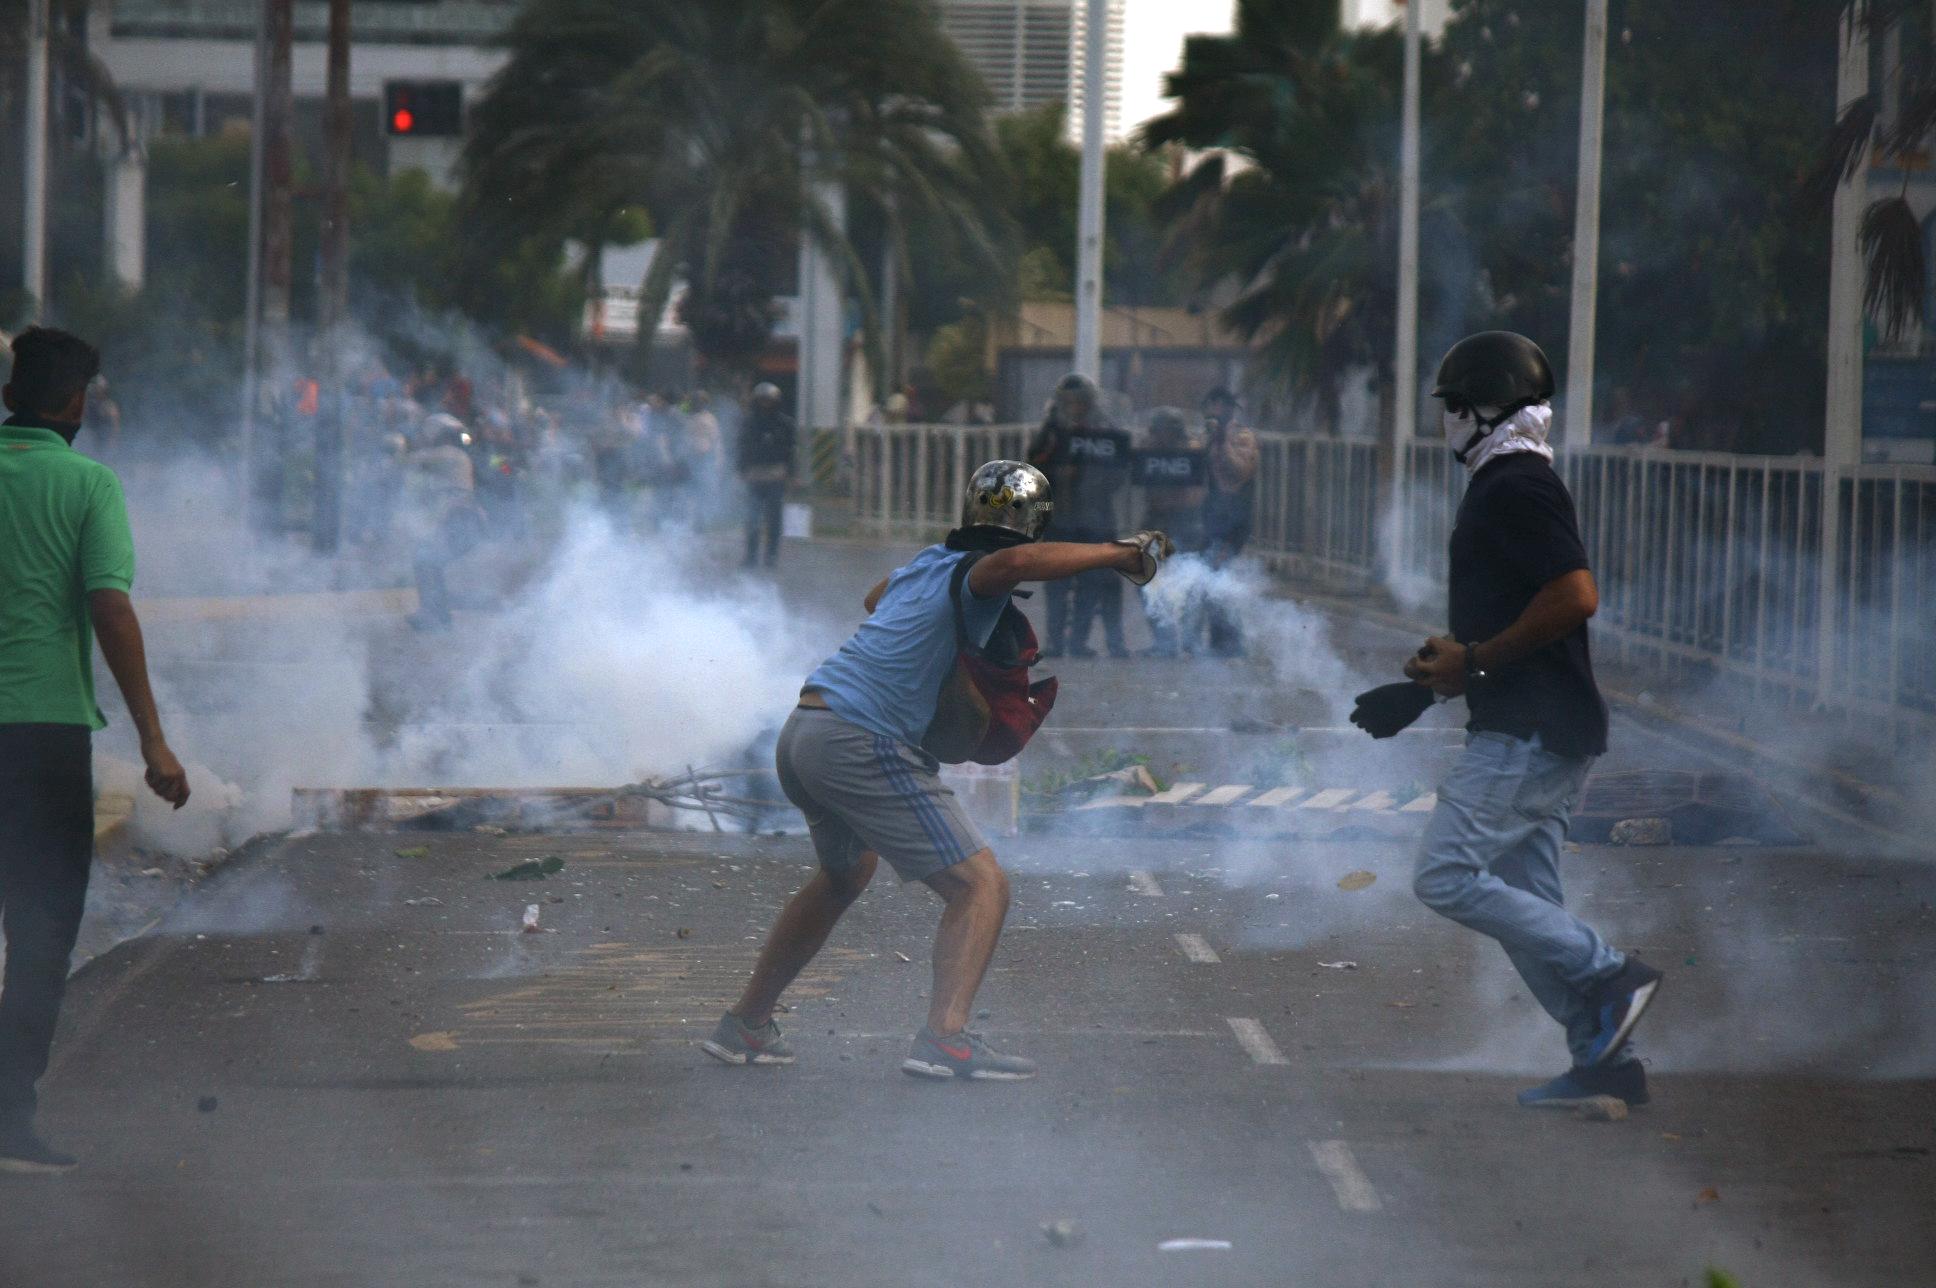 Fuerzas de seguridad dispersaron protesta en Lechería